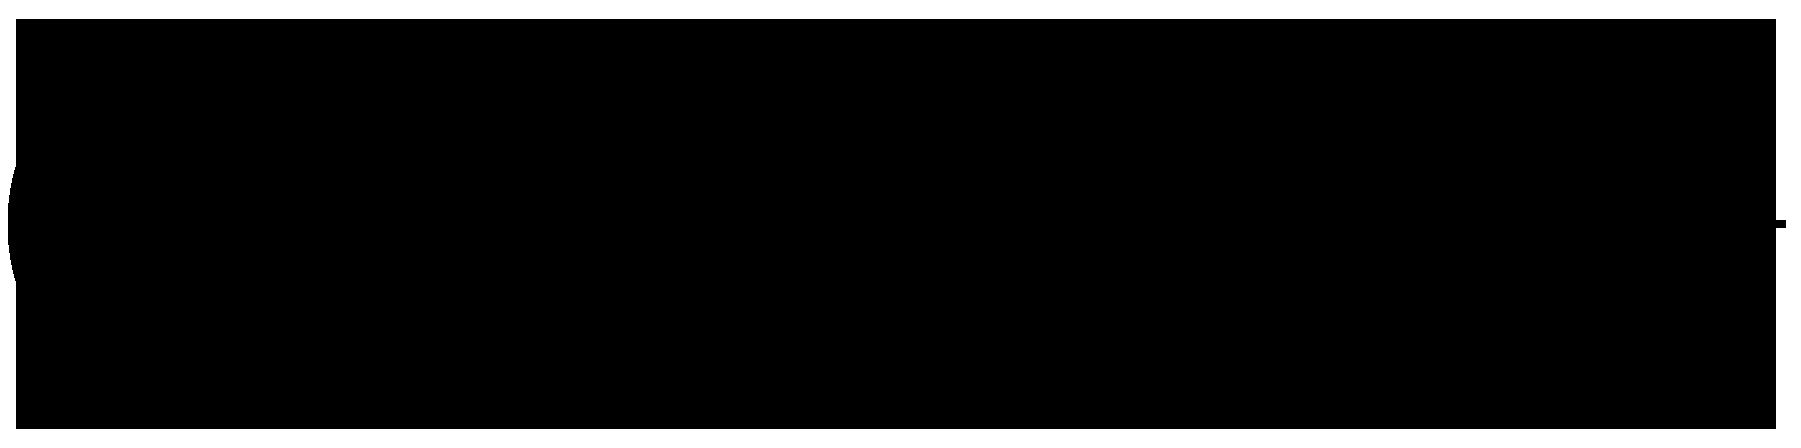 villacaprisi-horizontal-black.png